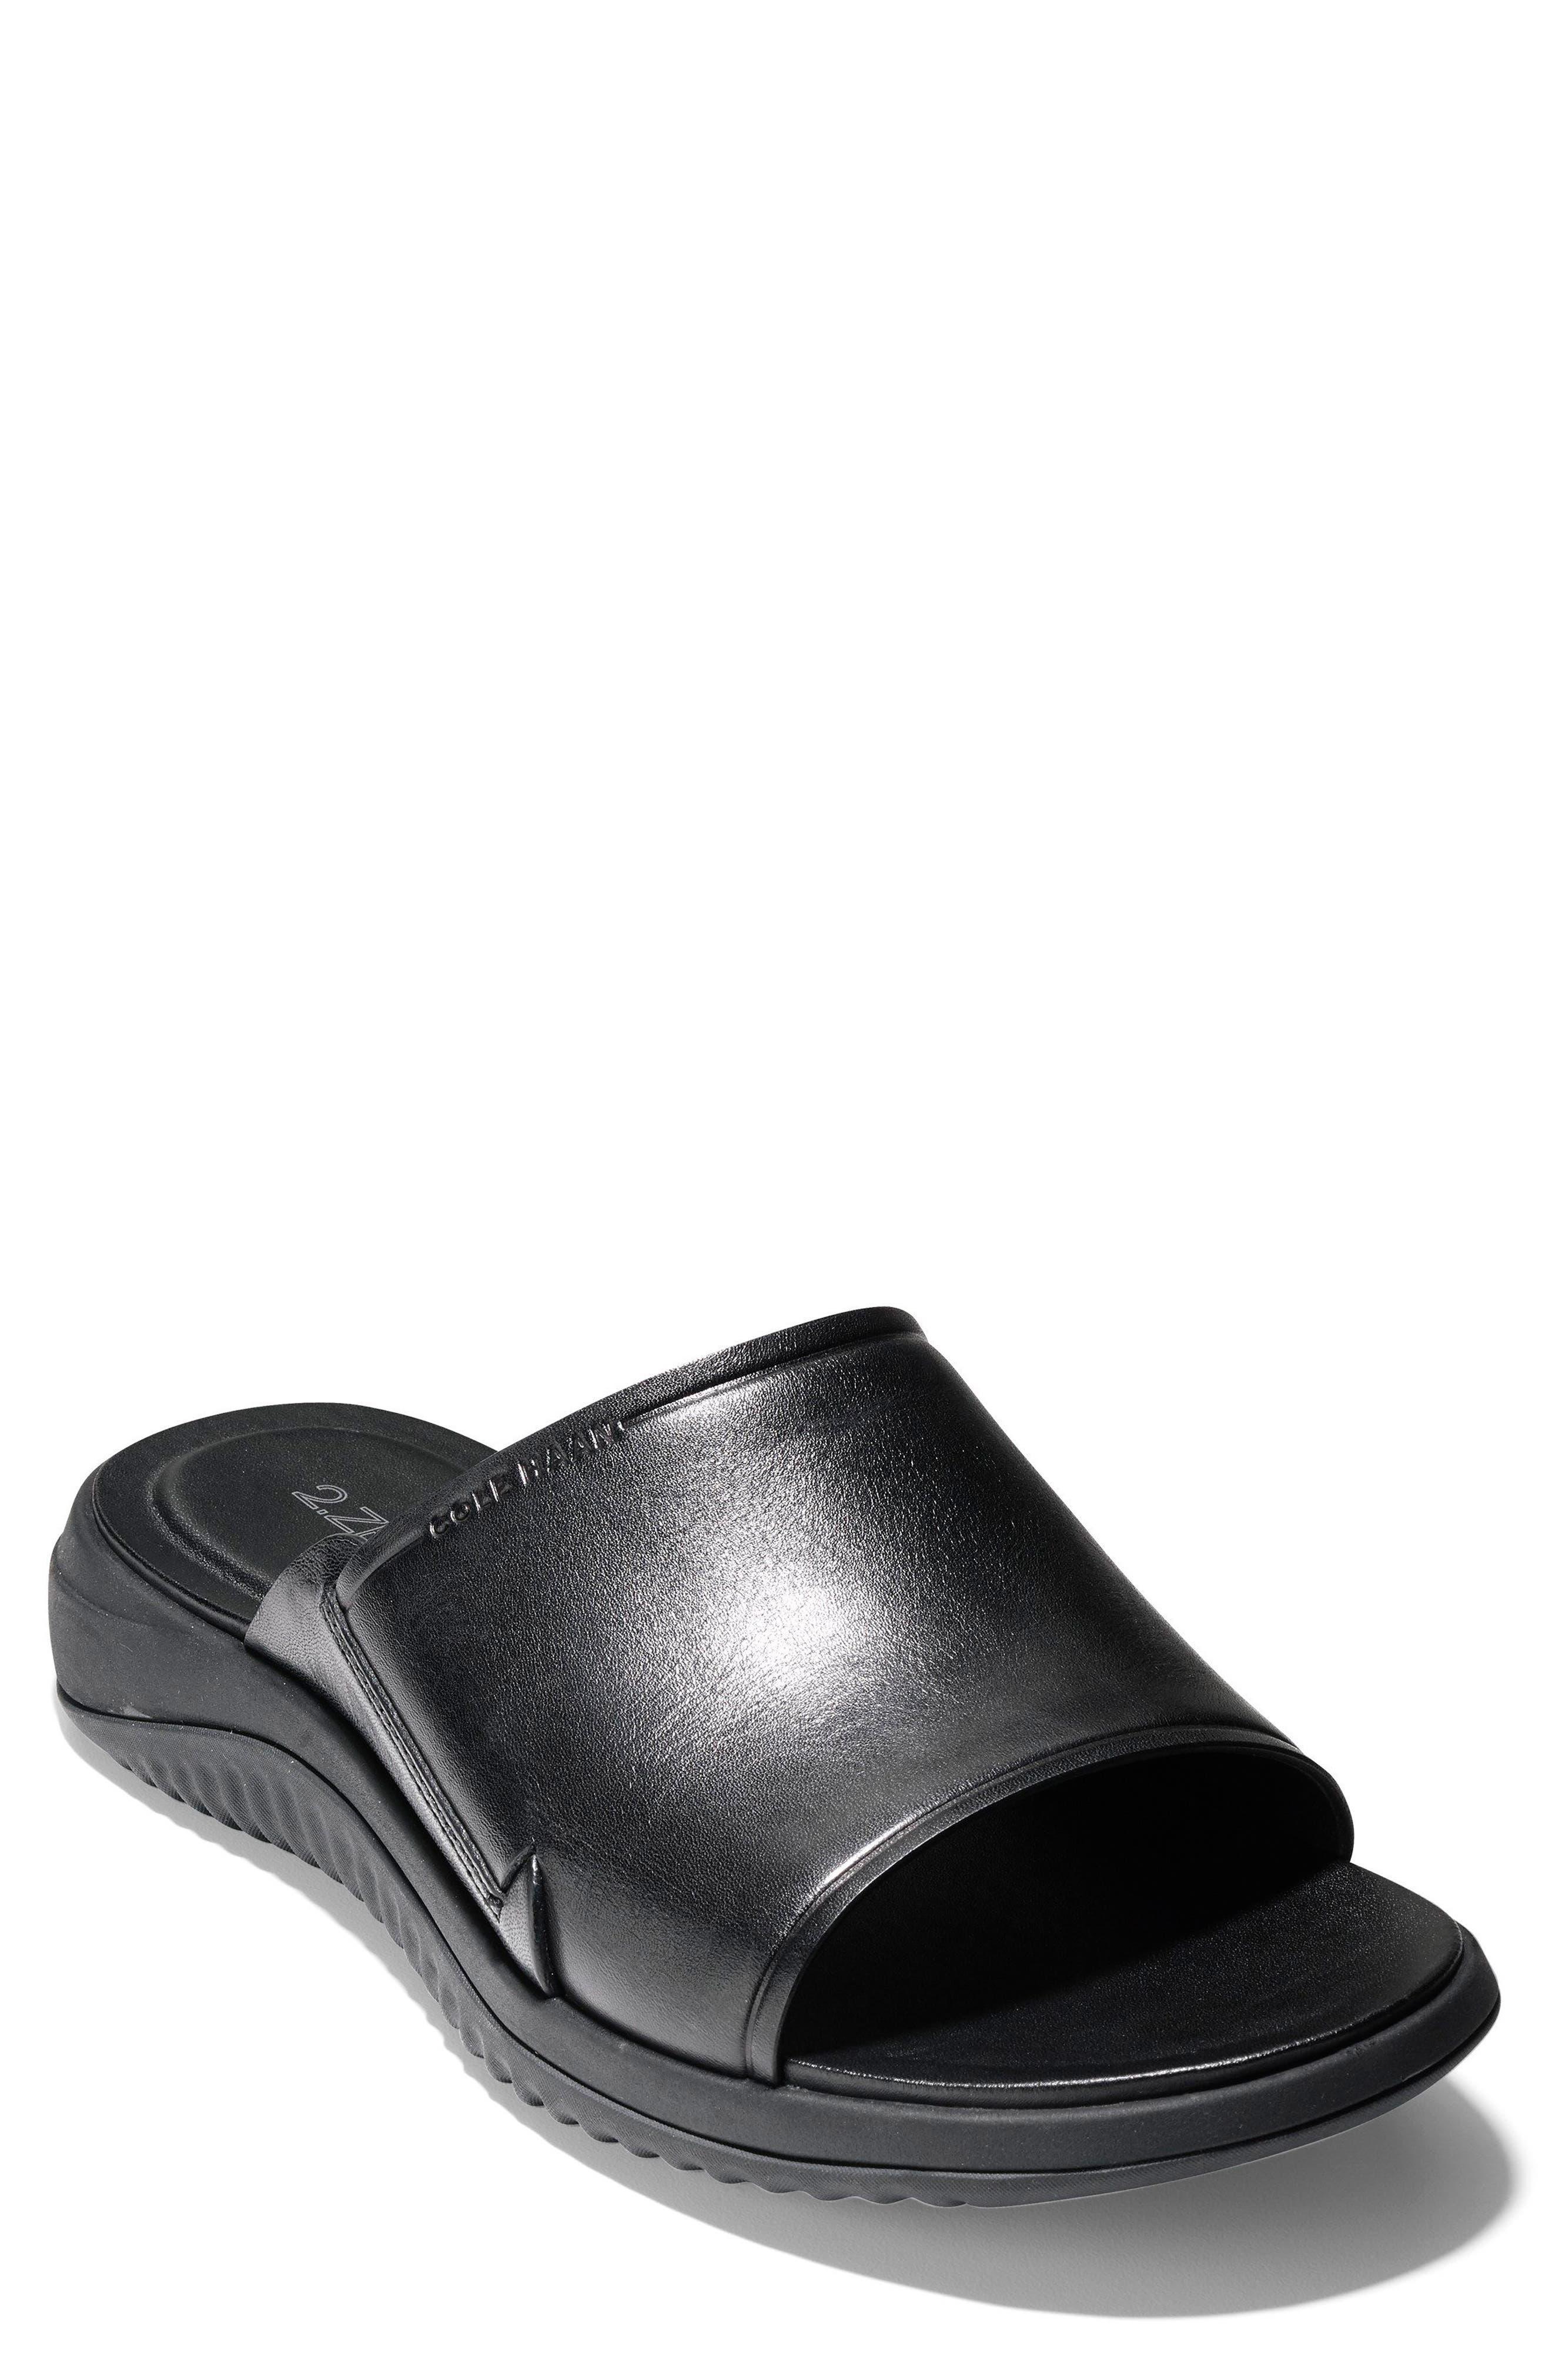 7463094a6758 Cheap Cole Haan 2.ZeroGrand Slide Sandal (Men) at best store